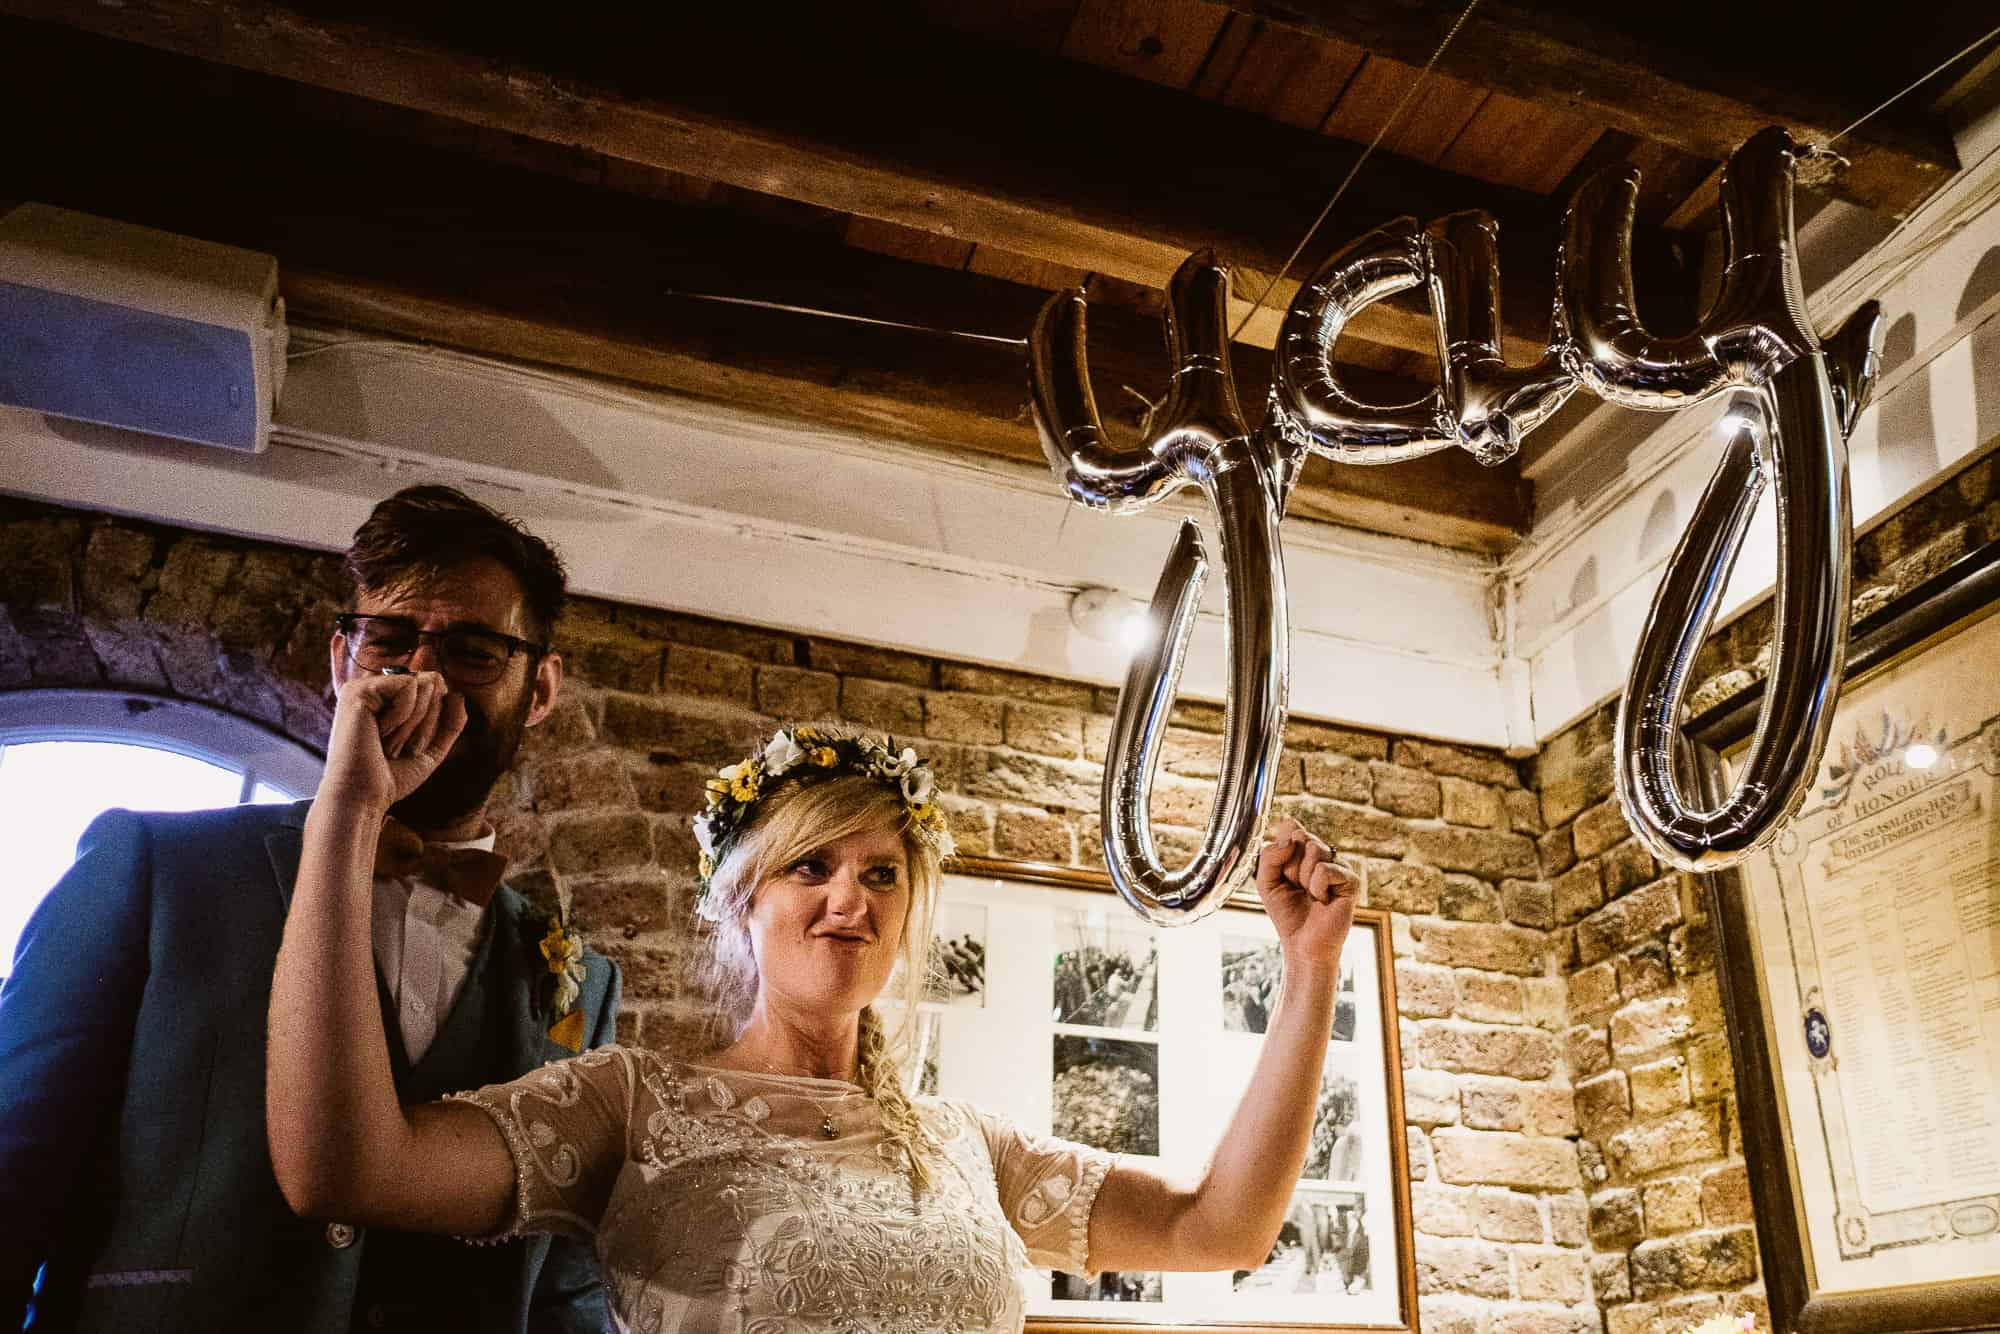 east-quay-wedding-photography-matt-tyler-0084